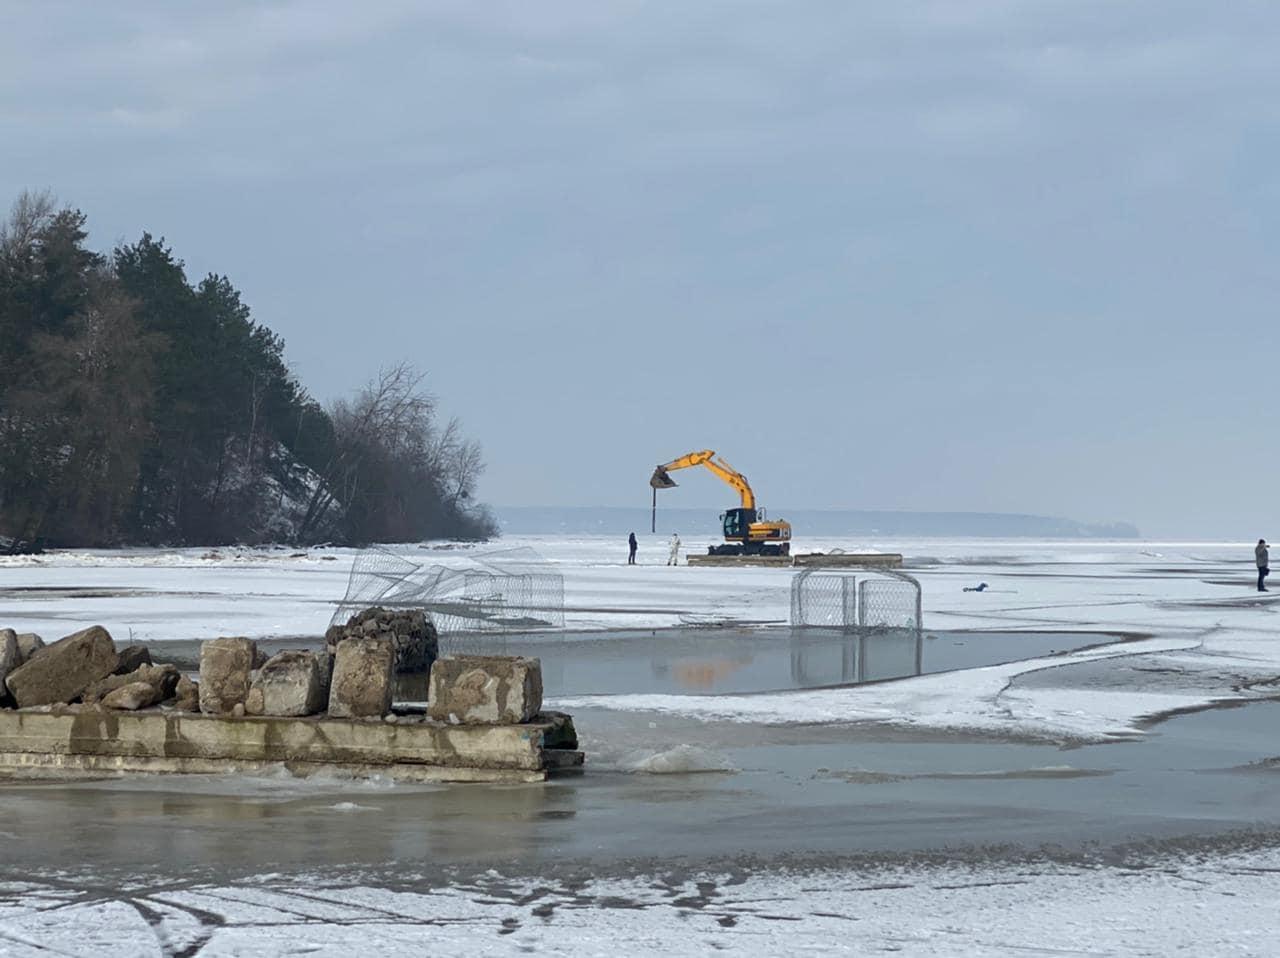 На Вишгородщині намагались незаконно створити бухту - Лютіж, Київський рибоохоронний патруль, Вишгородський район - Lyutizh3